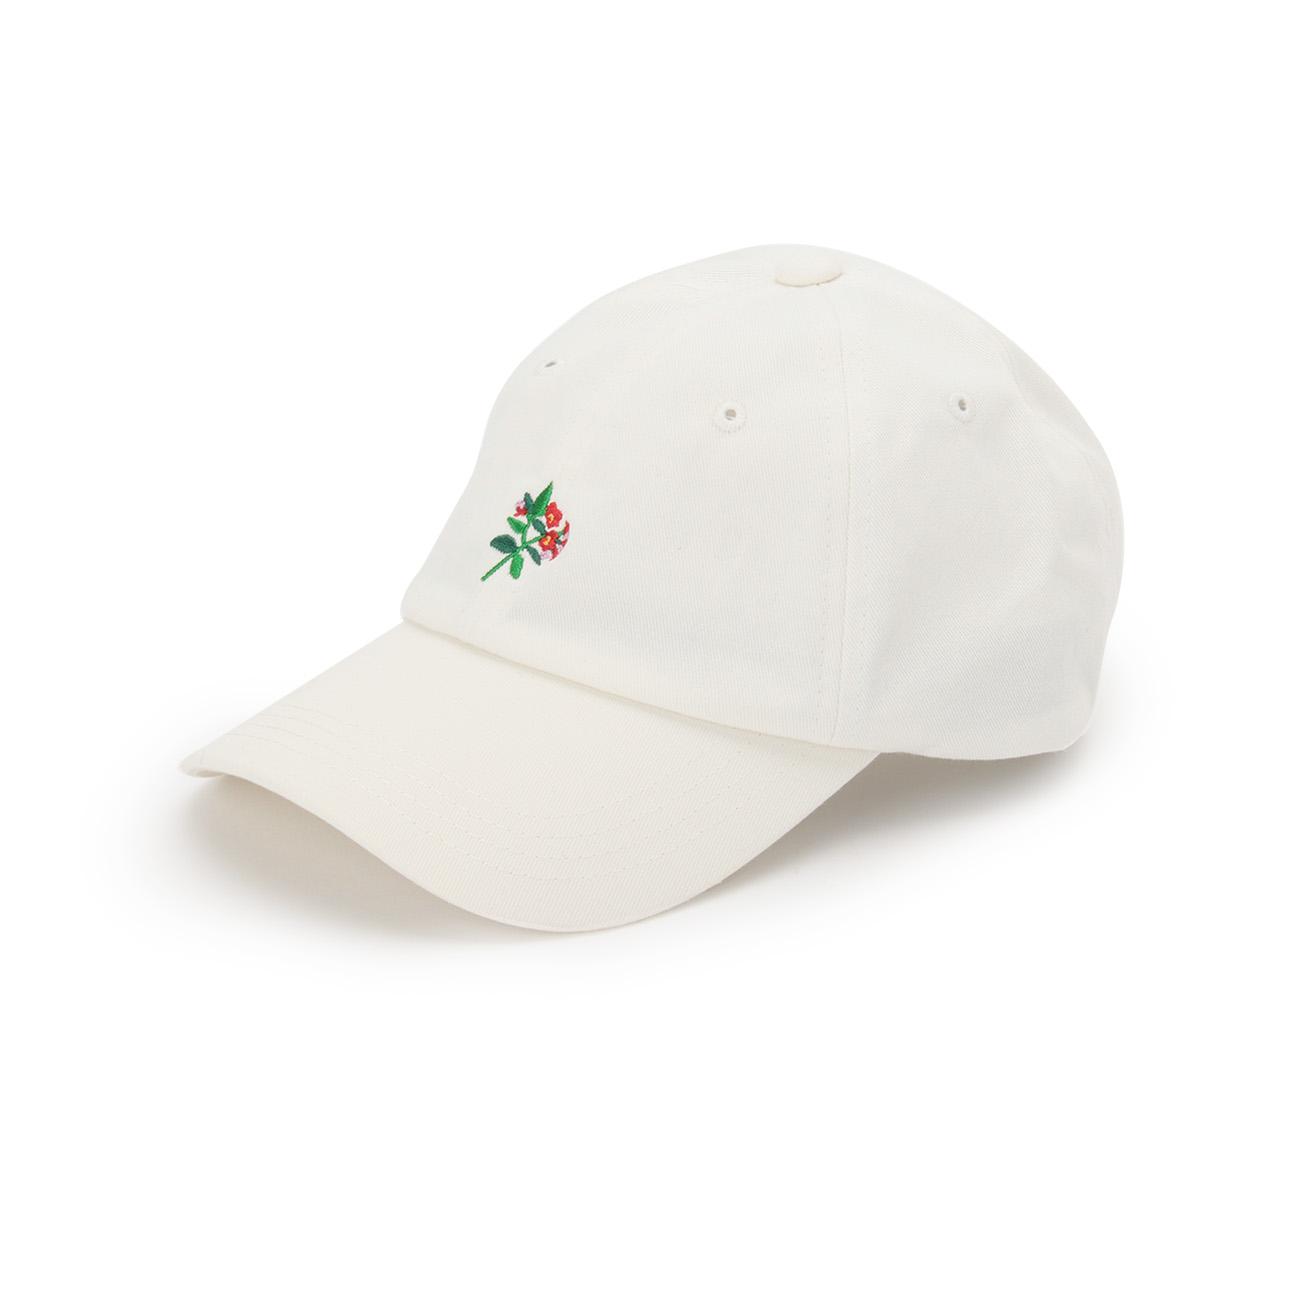 【OZOC (オゾック)】Wベルトキャップレディース 帽子|キャップ オフホワイト